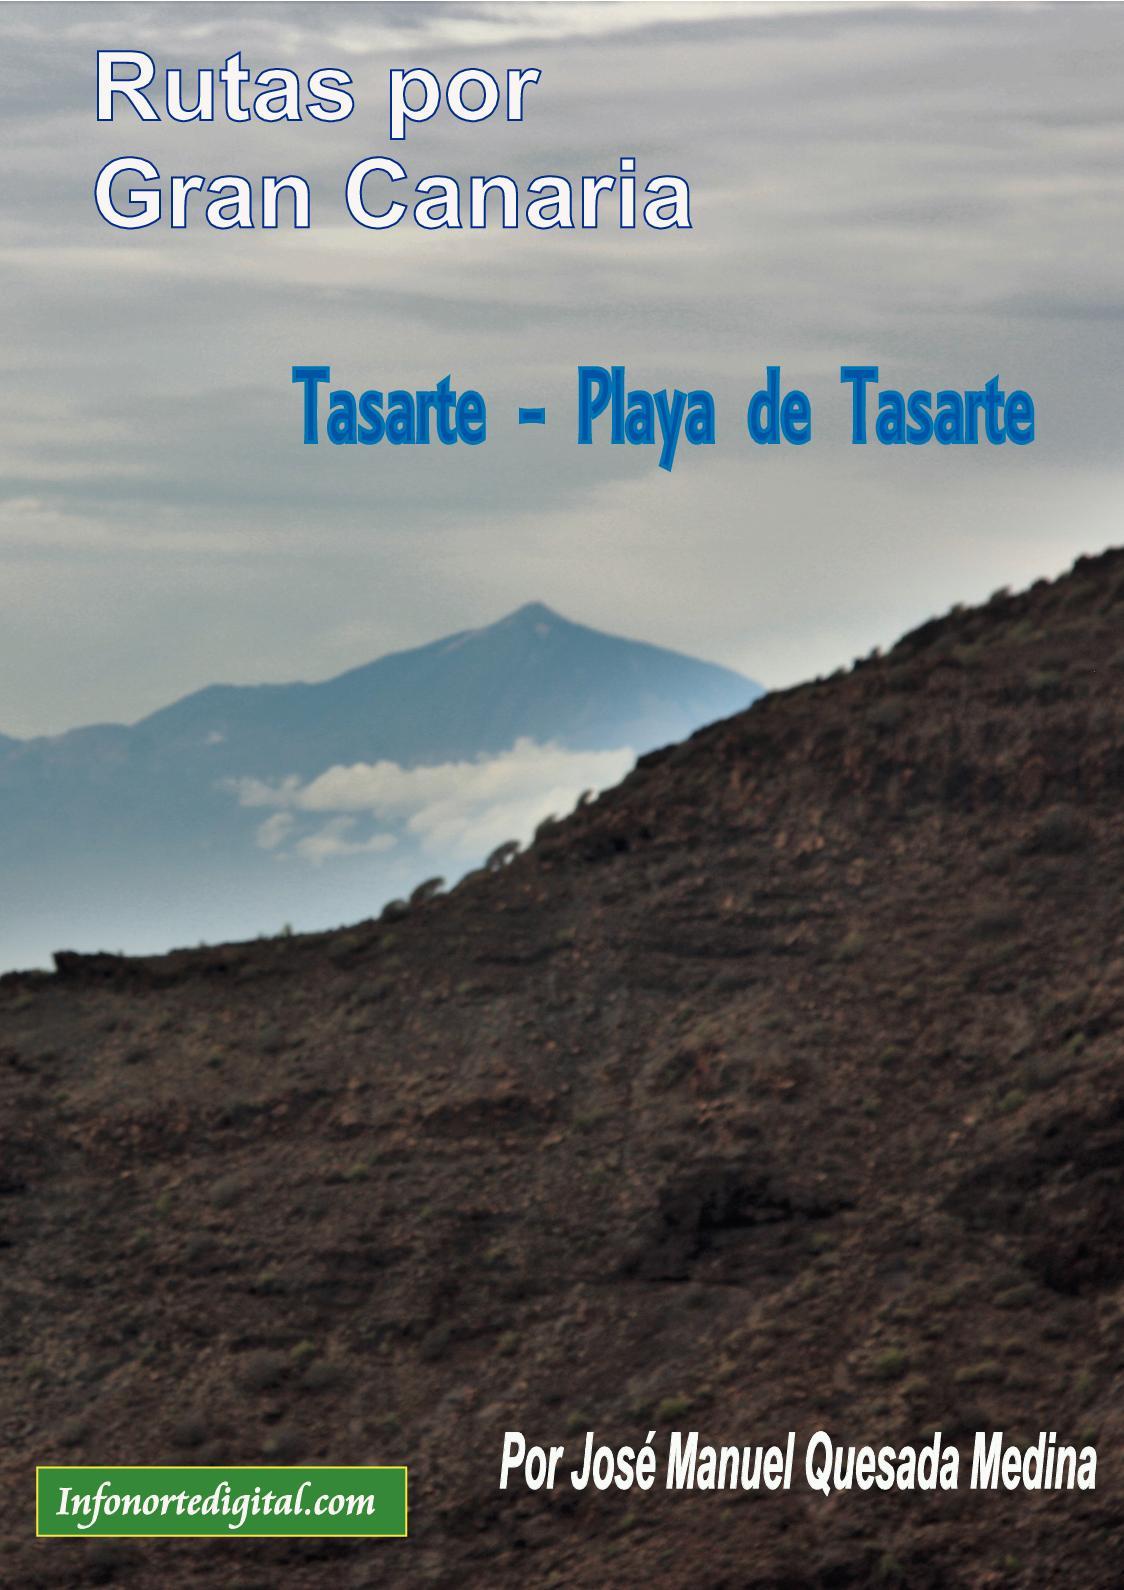 Rutas por Gran Canaria :Tasarte -Playa de Tasarte  Autor: José M. Quesada  Medina